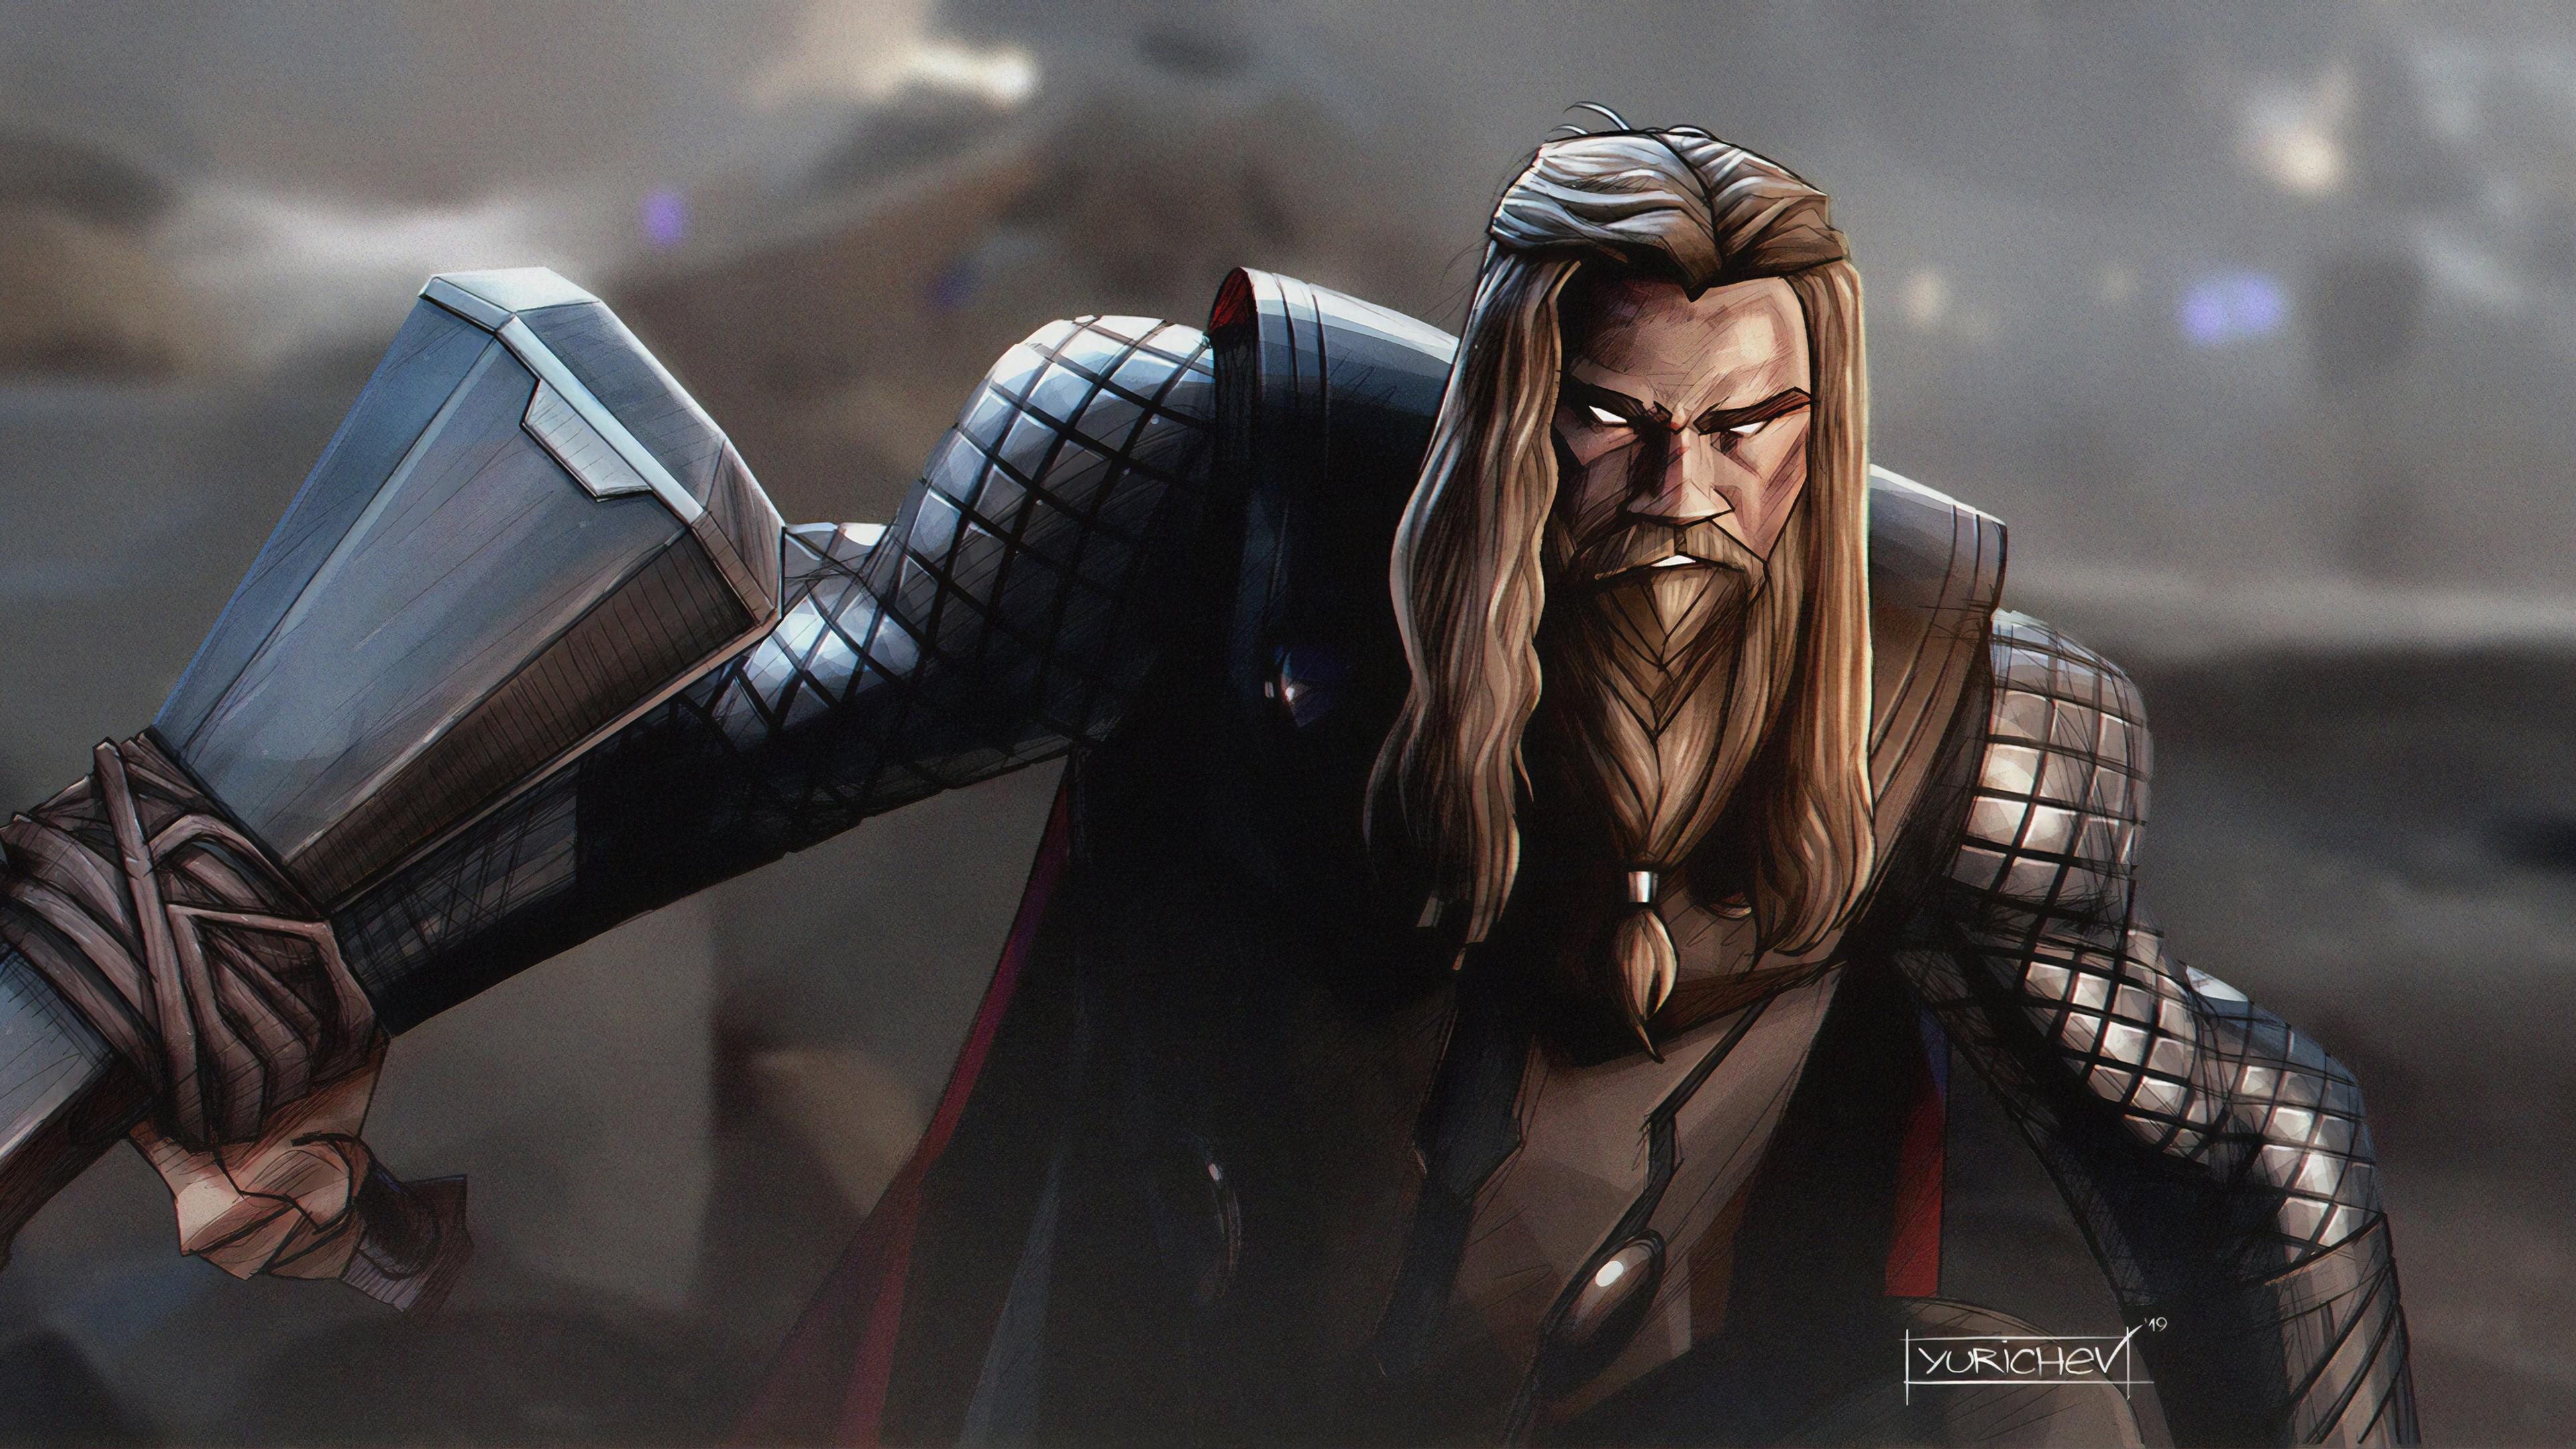 thor with stormbreaker 1570394253 - Thor With Stormbreaker - thor wallpapers, superheroes wallpapers, hd-wallpapers, digital art wallpapers, artwork wallpapers, 4k-wallpapers